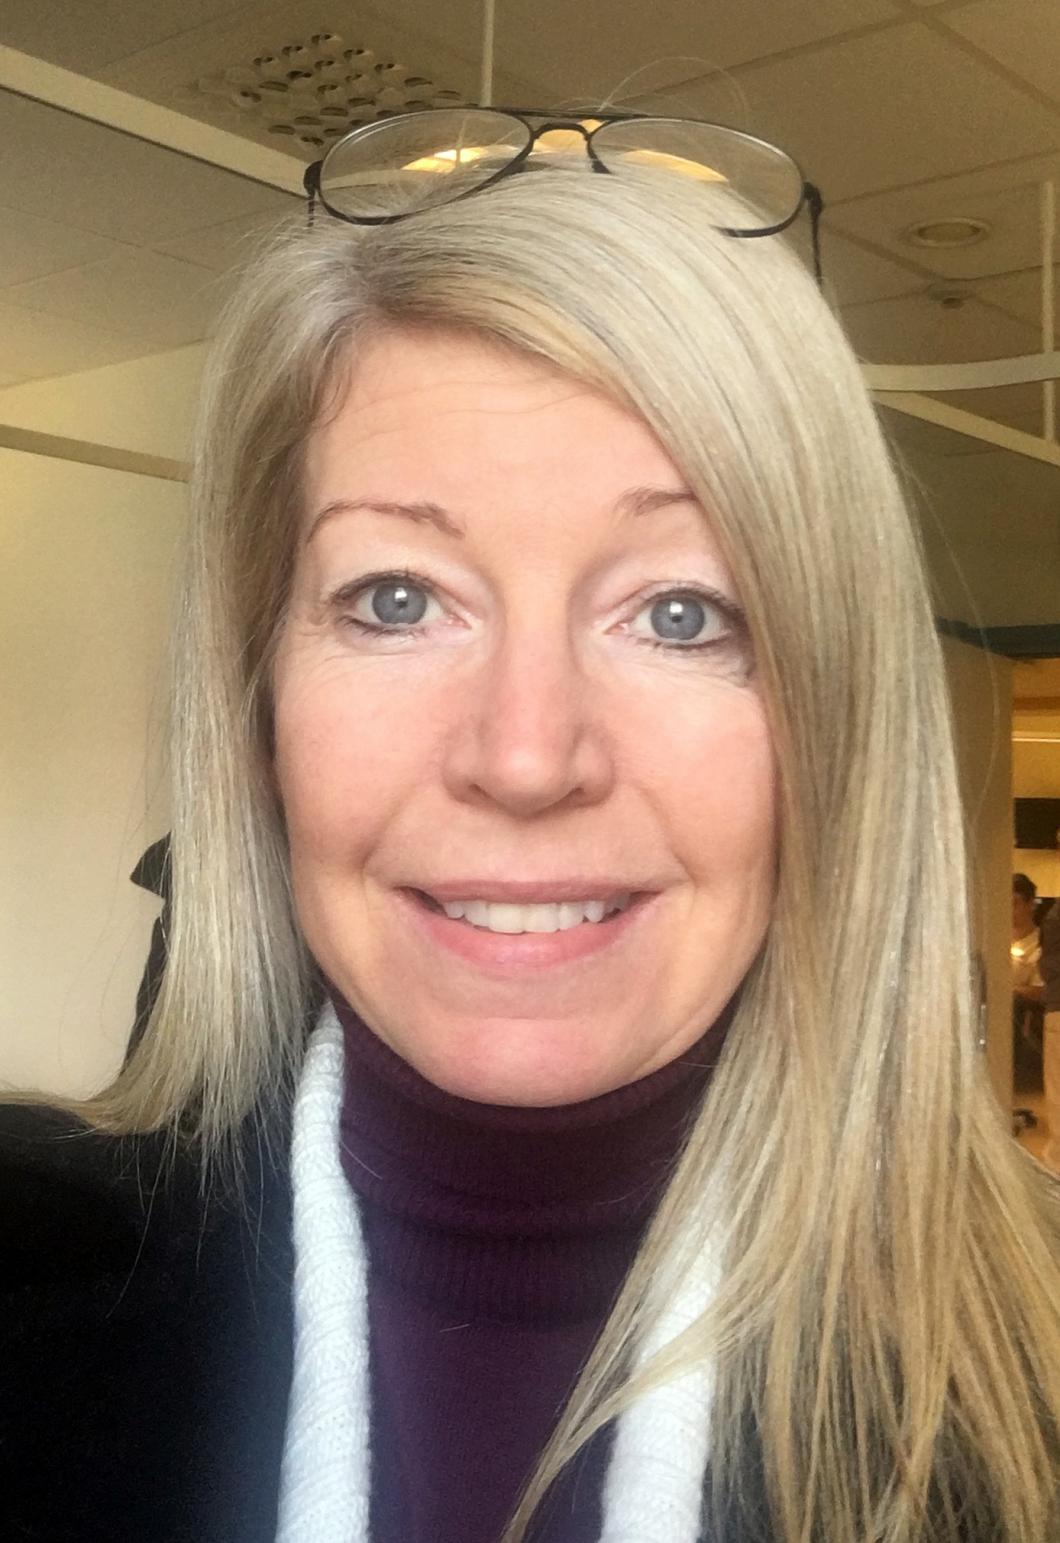 Sjuksköterska nära mista livet efter flera misstag i vården